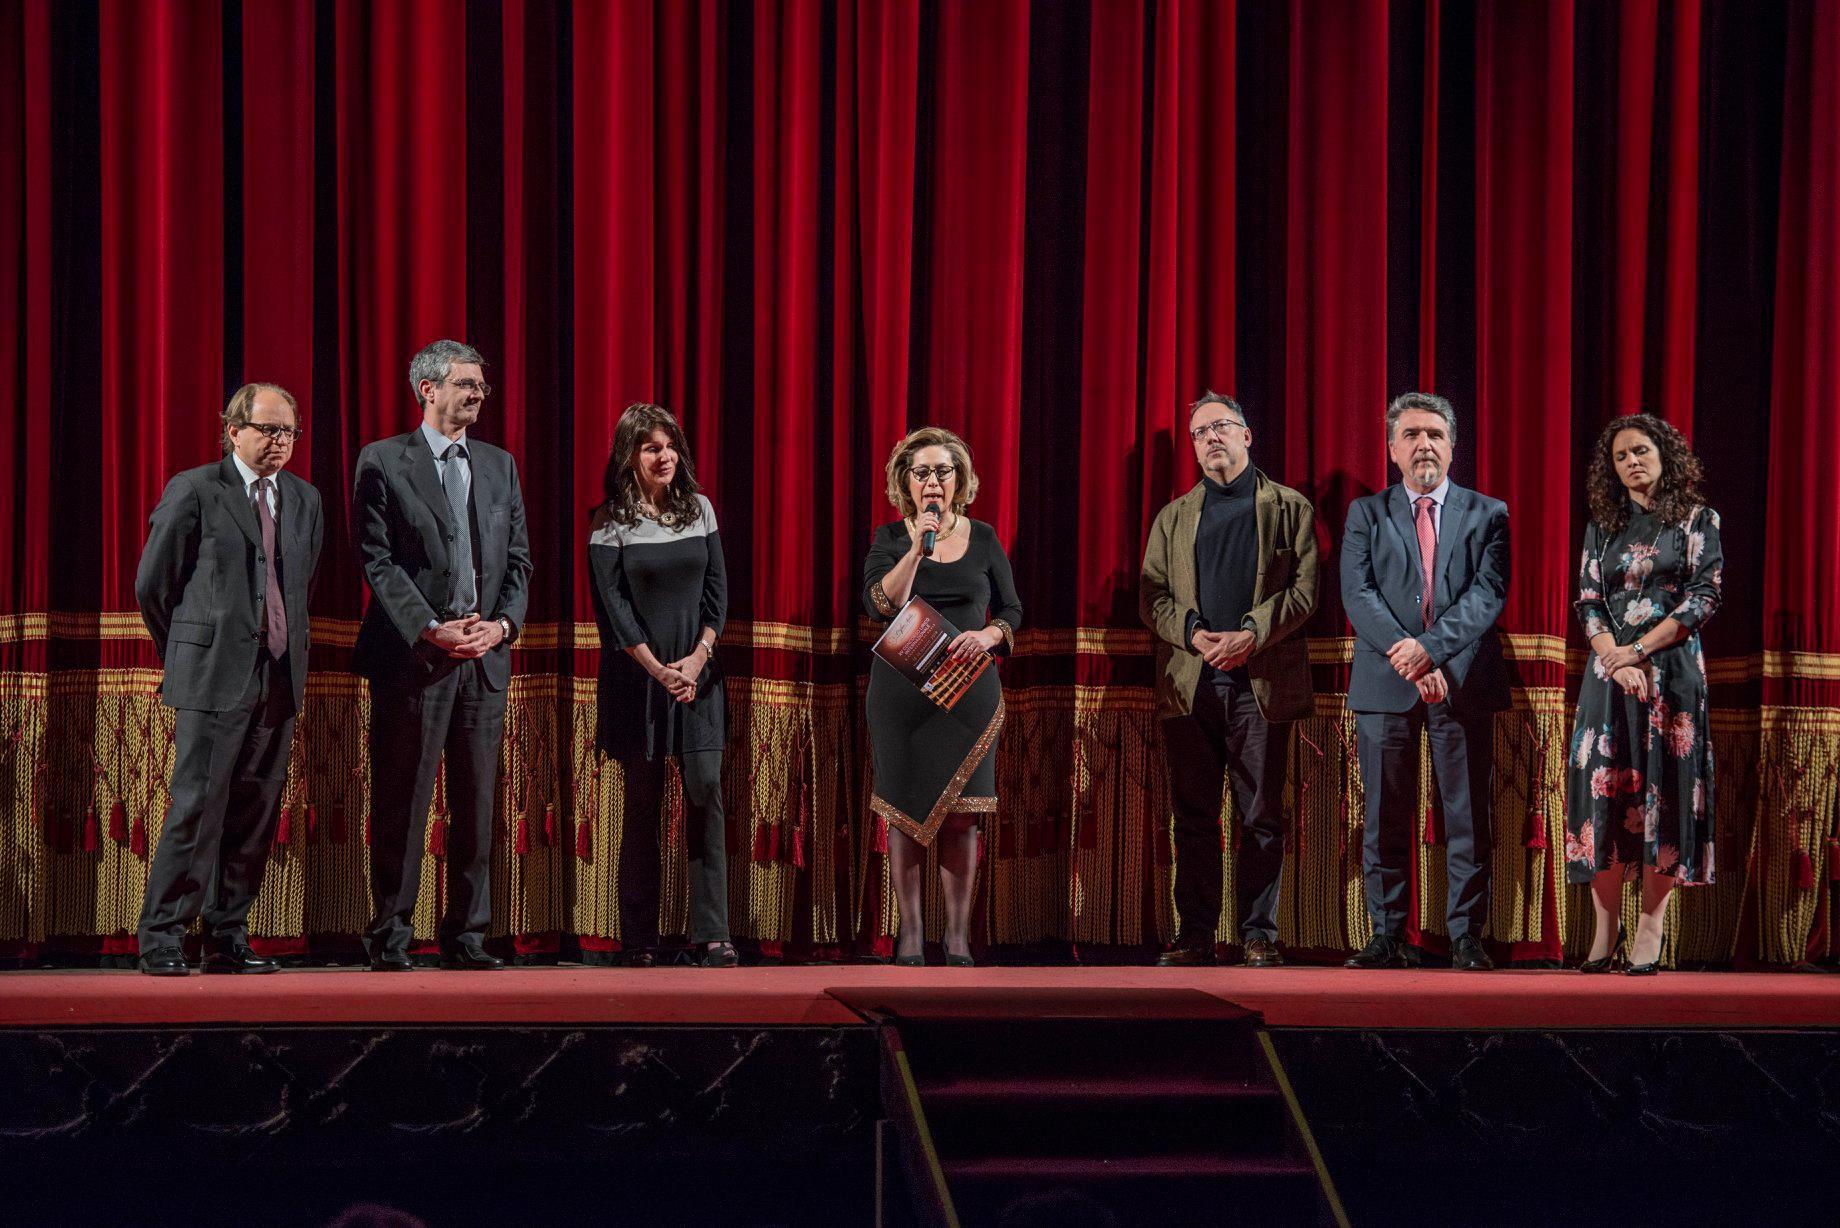 giuria, da sx: Daniele Agiman, Giovanni Vegeto, Cinzia Forte, Giusy Ferrara, Stefano Vizioli, Danilo Boaretto, Fedora Sorrentino